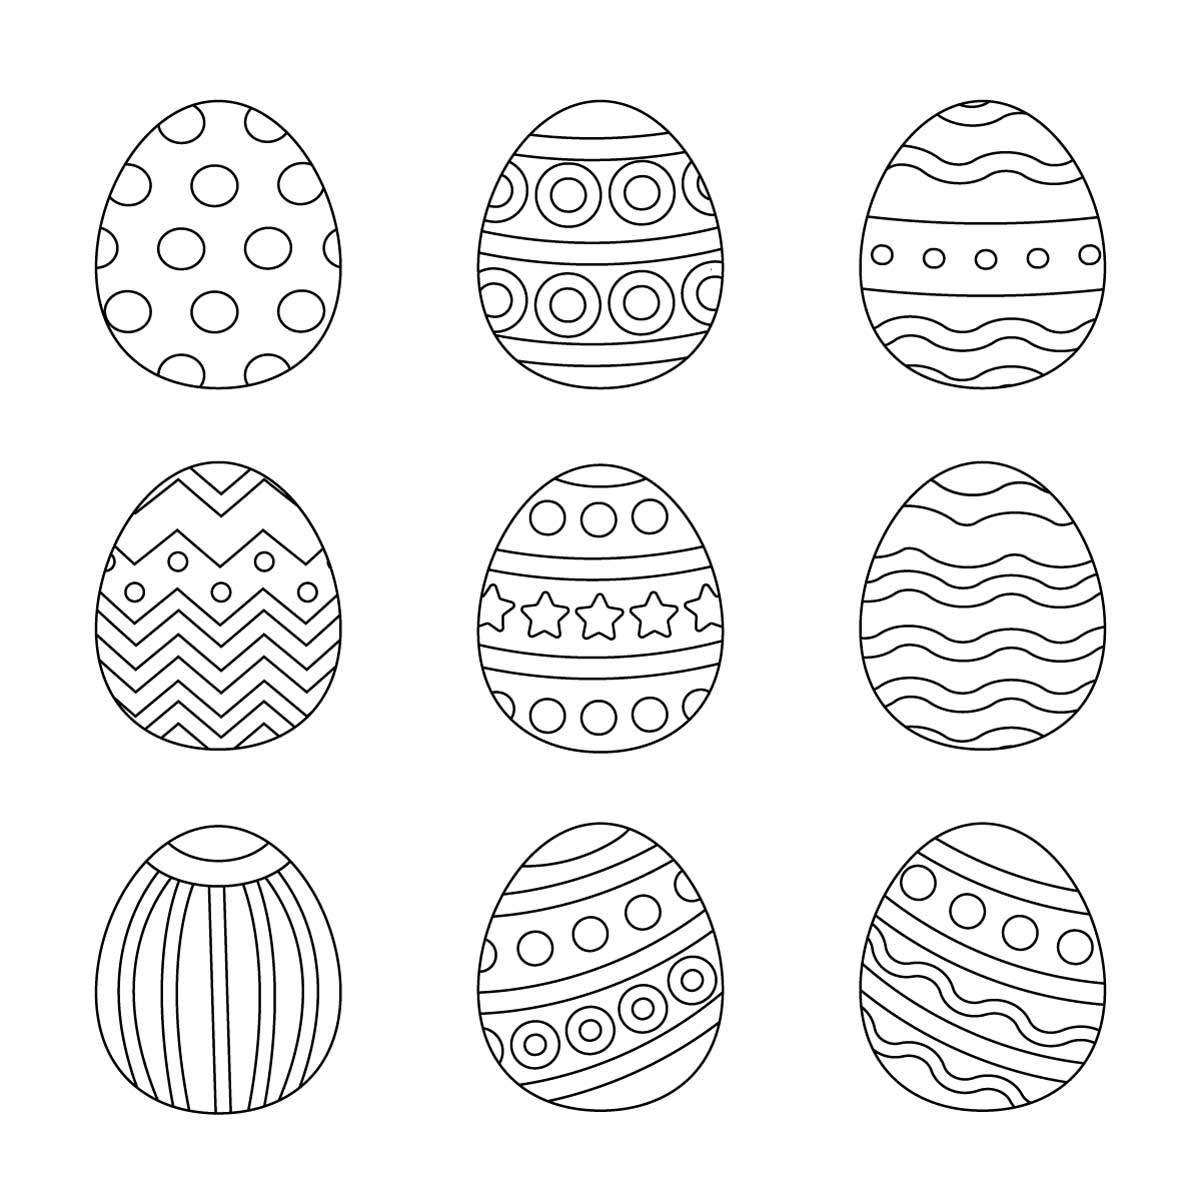 Ausmalbilder Ostern Eier - Wunderbare Bilder in Ostereier Ausmalbilder